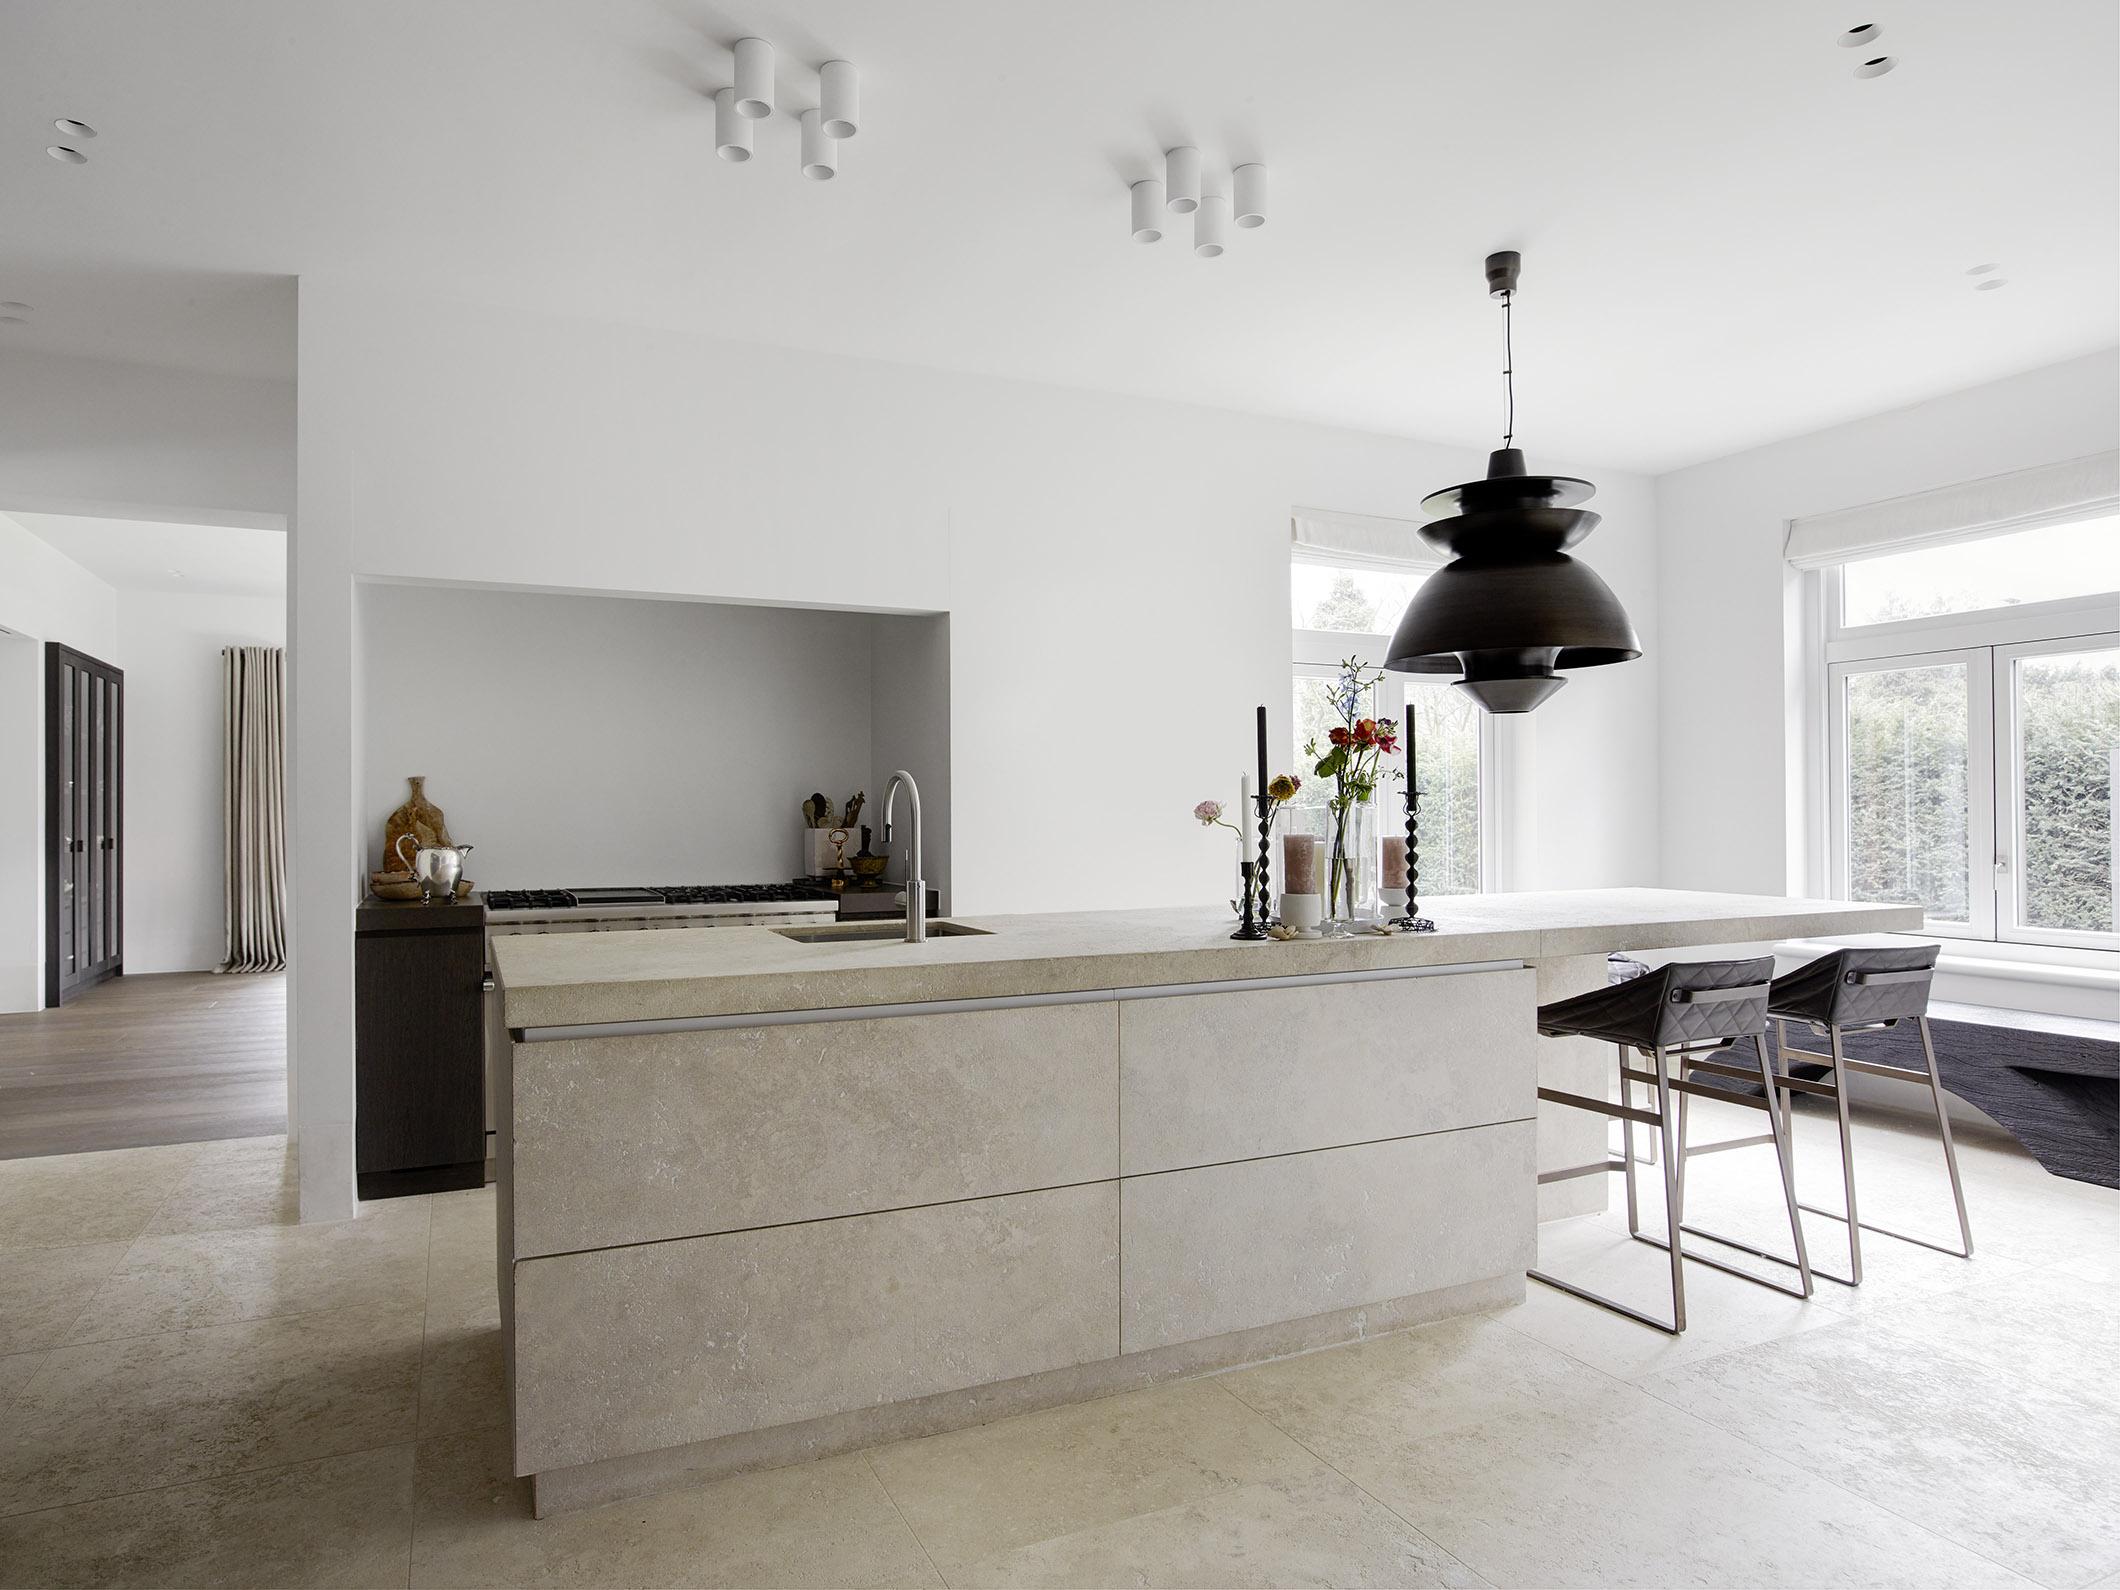 KEKKE kitchen stool at urban residence